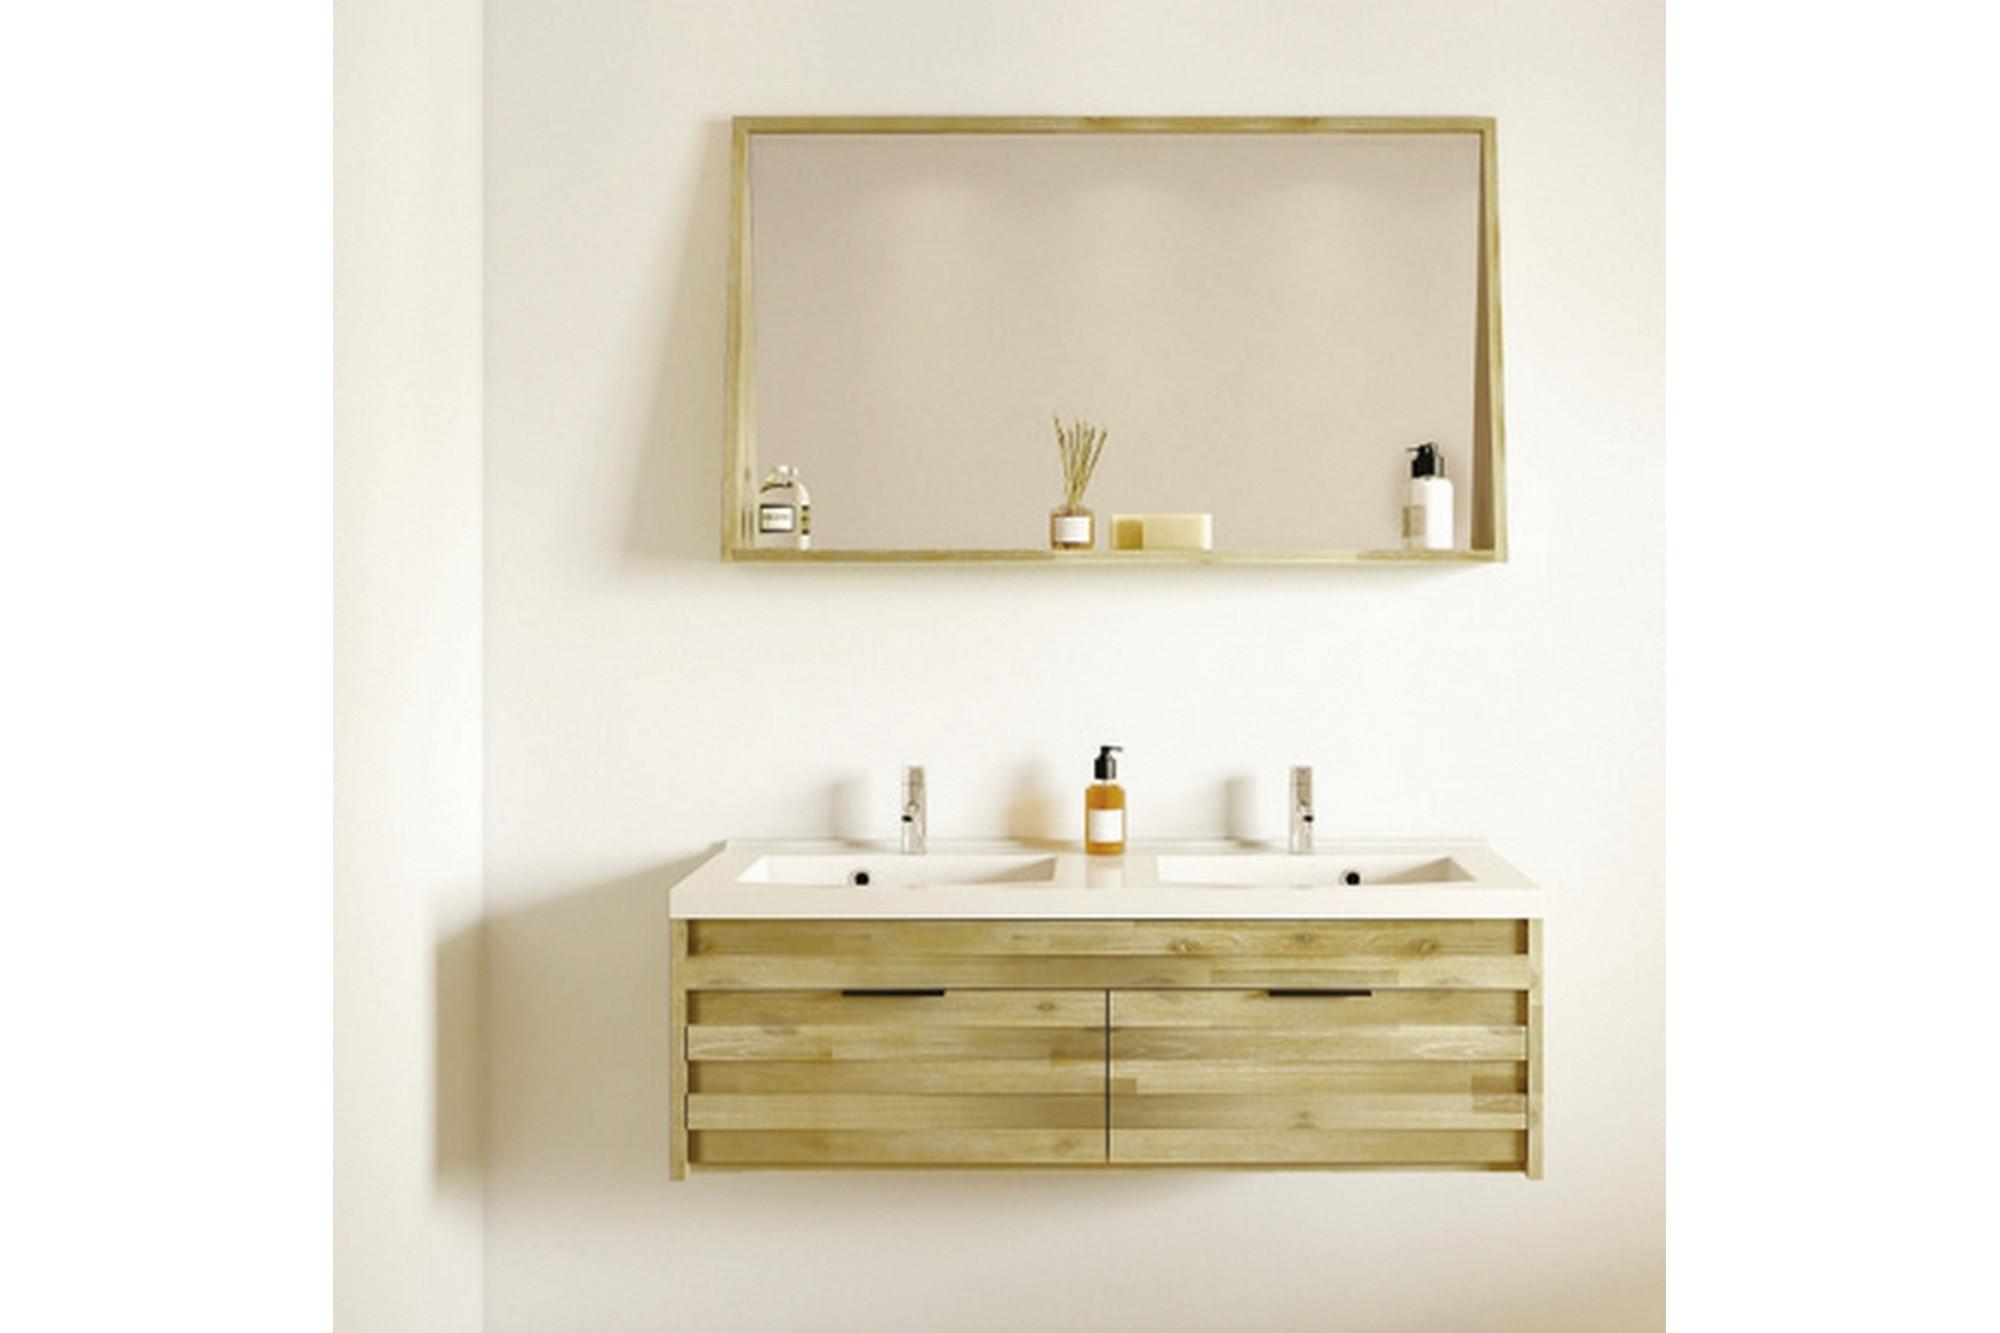 Charmant Apportez Une Touche Du0027exotisme à Votre Salle De Bain Avec Lu0027ensemble  Meuble, Double Vasque Et Miroir BENOA En Bois Massif.